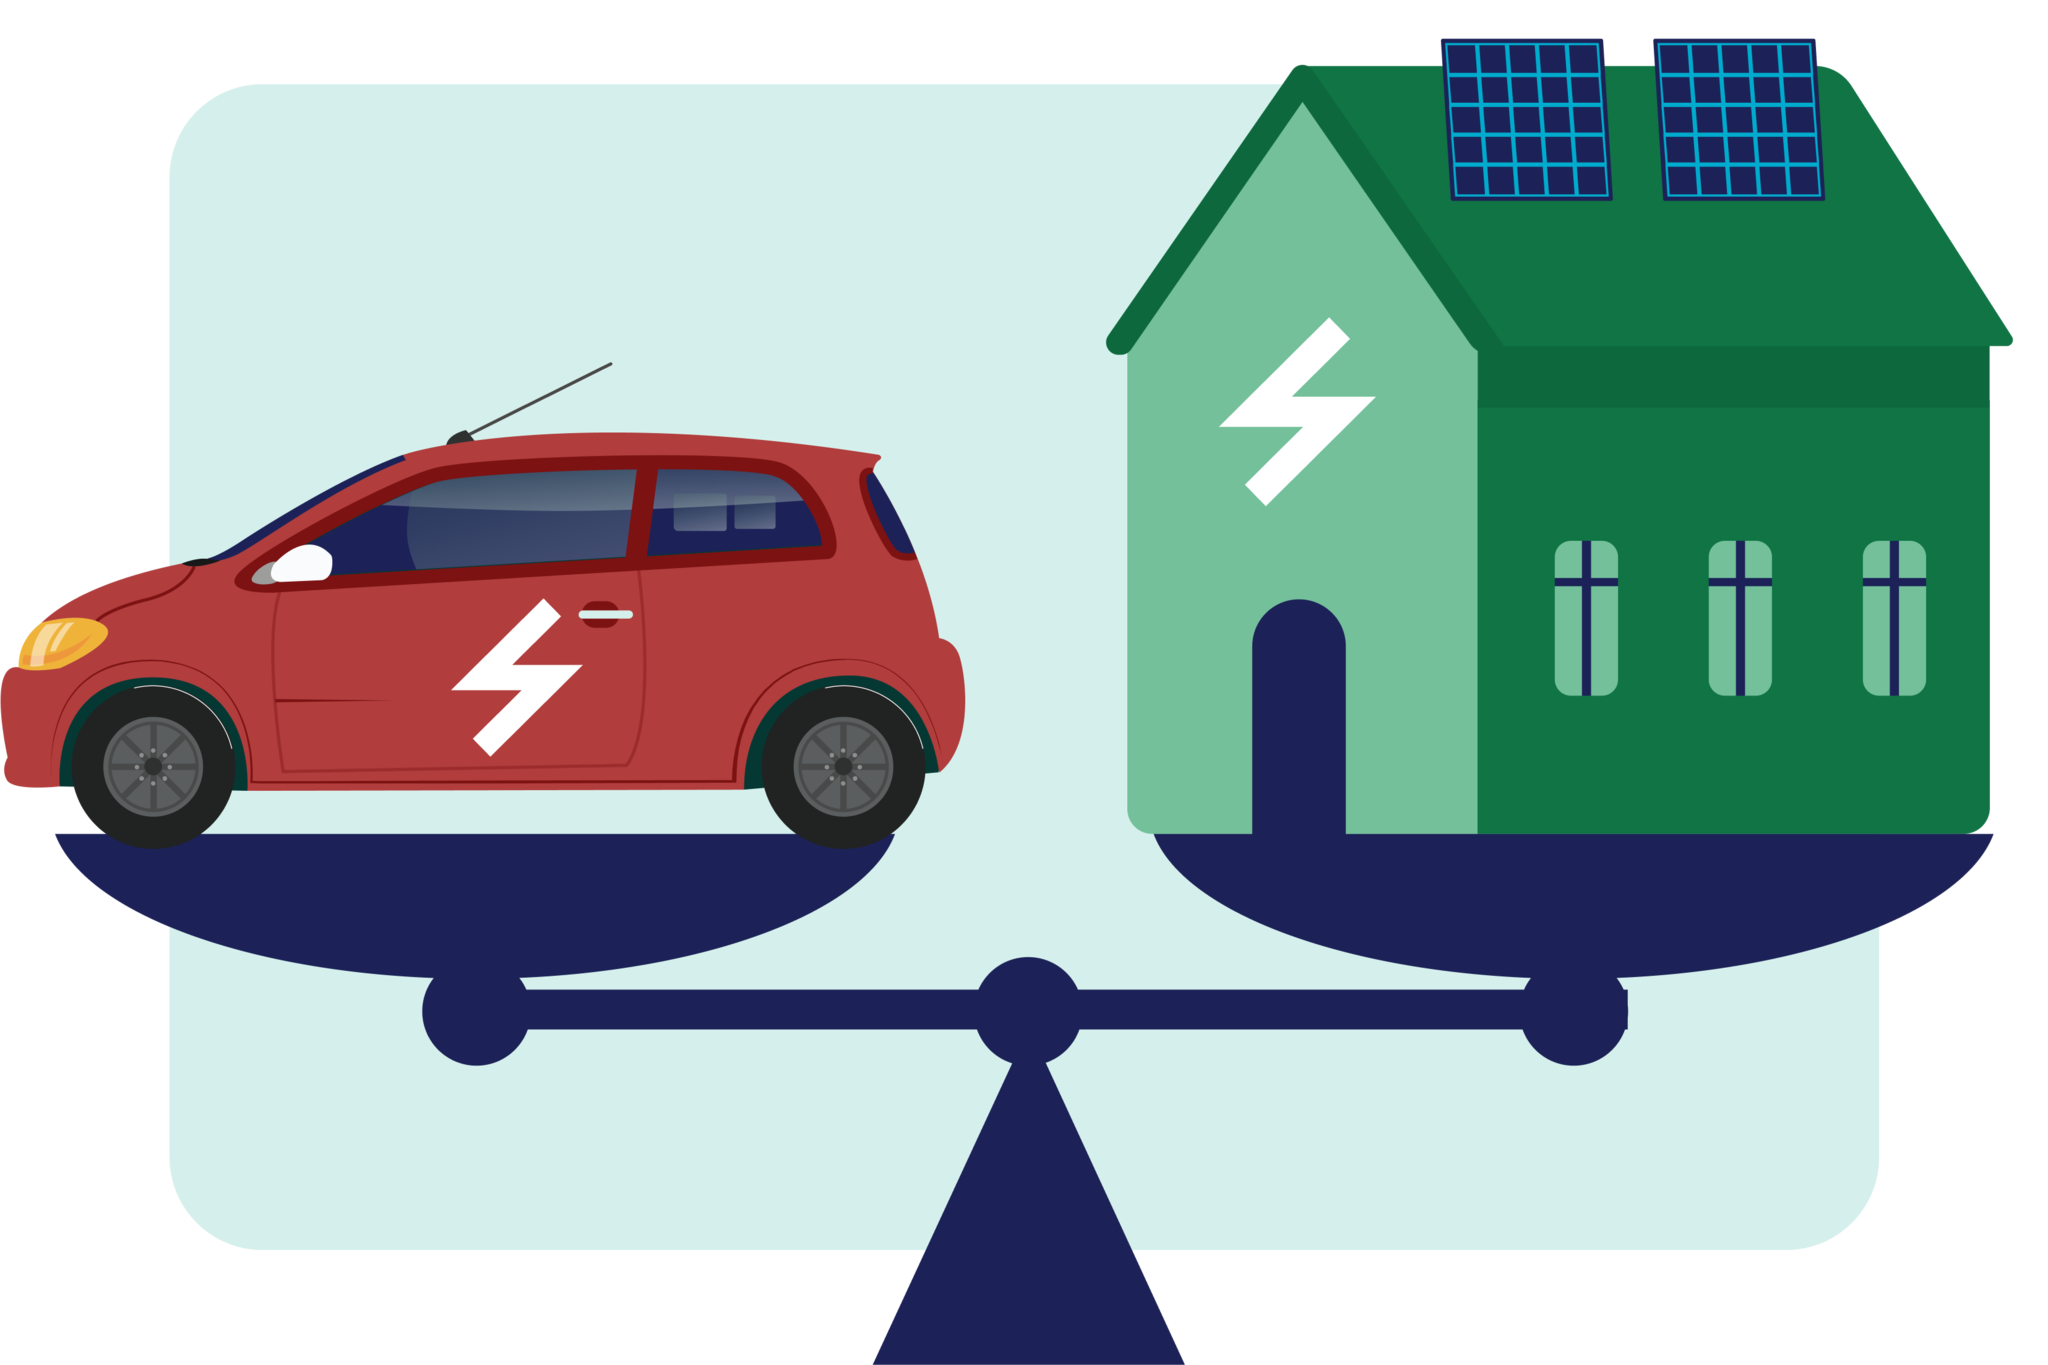 Как взять максимум в домашней электросети? Динамическая балансировка нагрузки.